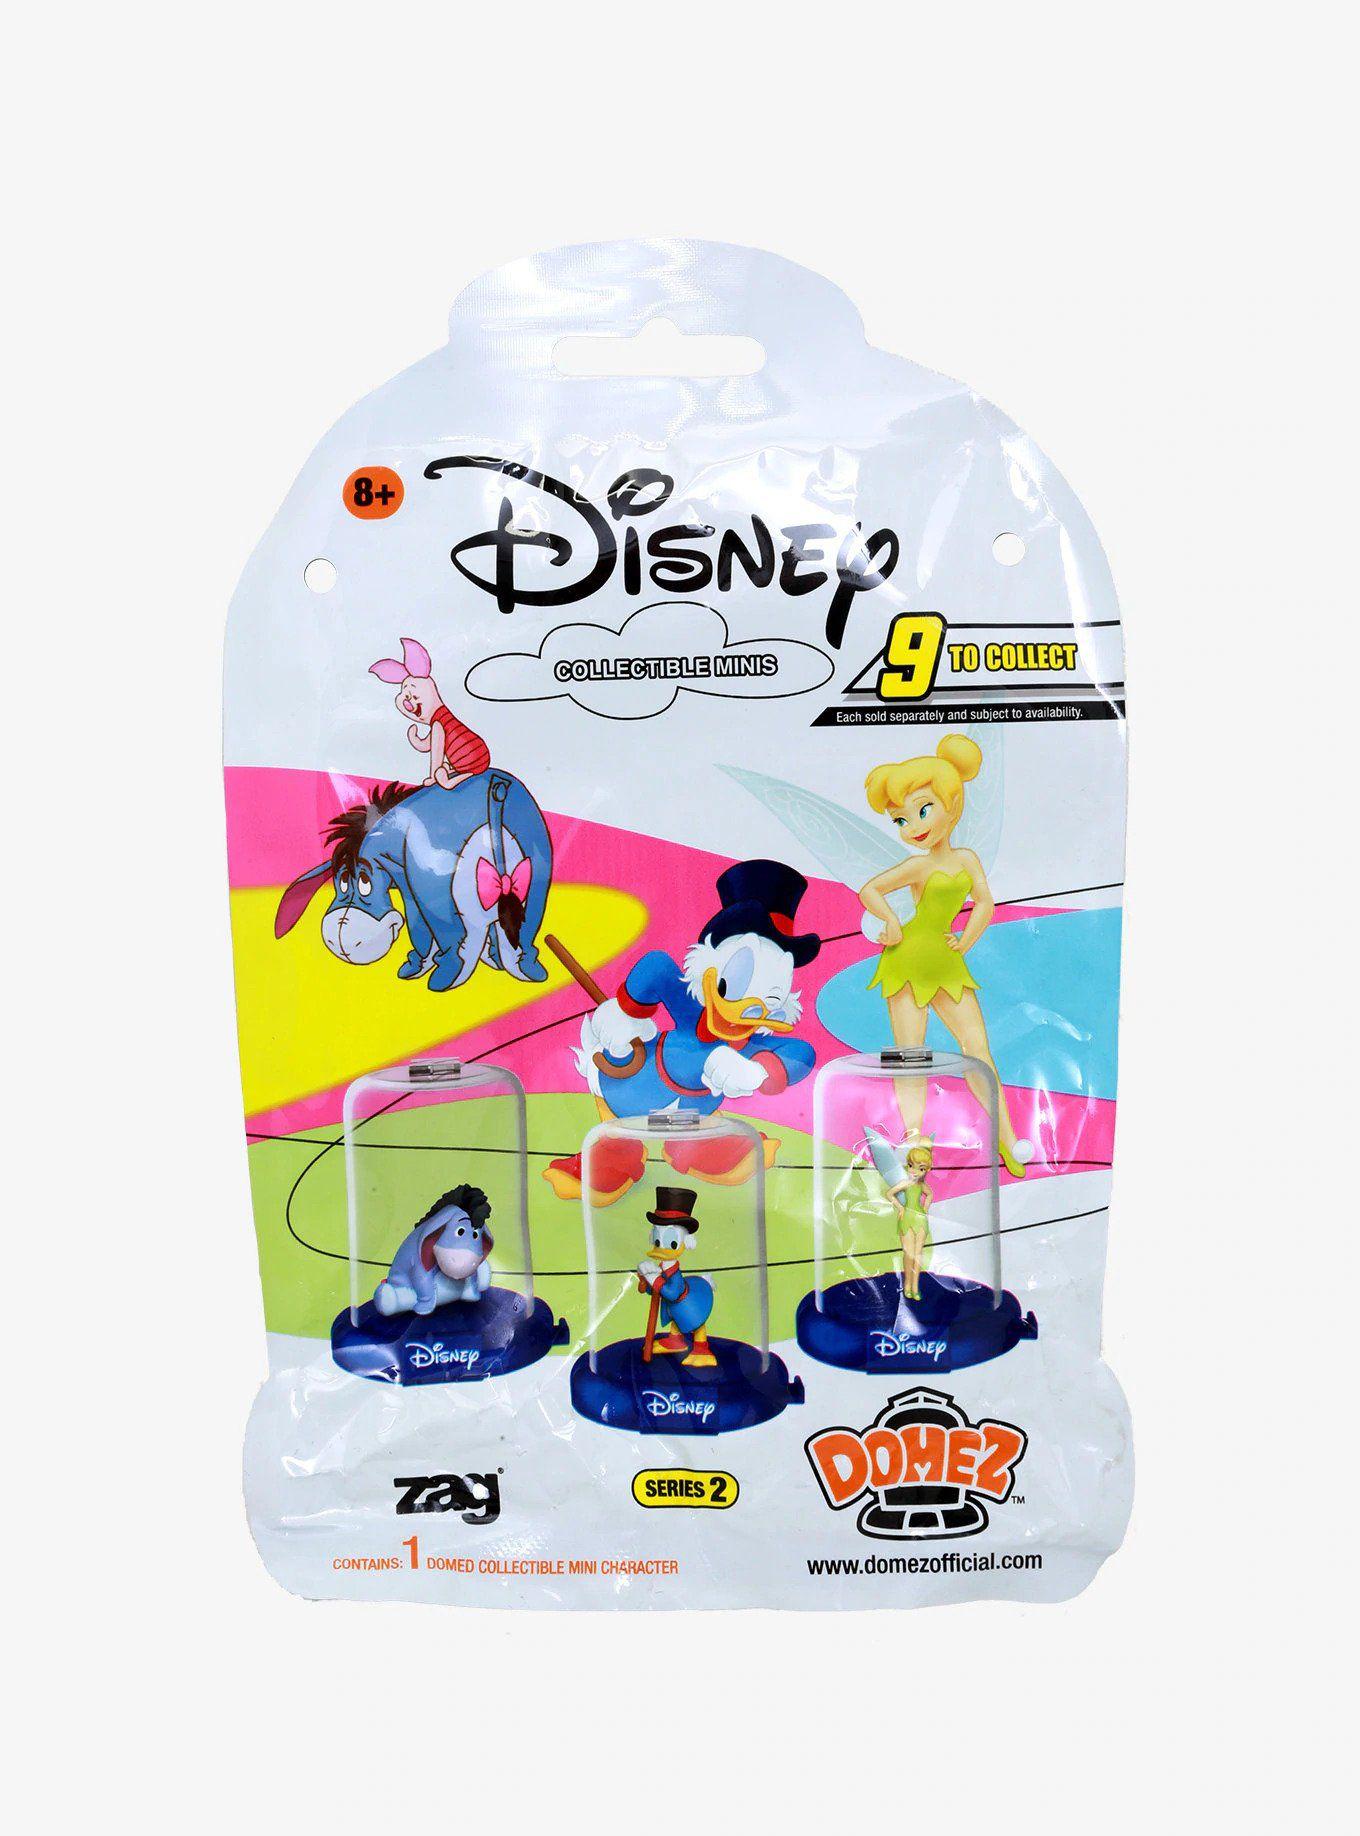 Domo em Saquinho (Domez) Disney Clássico (Série 2) - Sunny